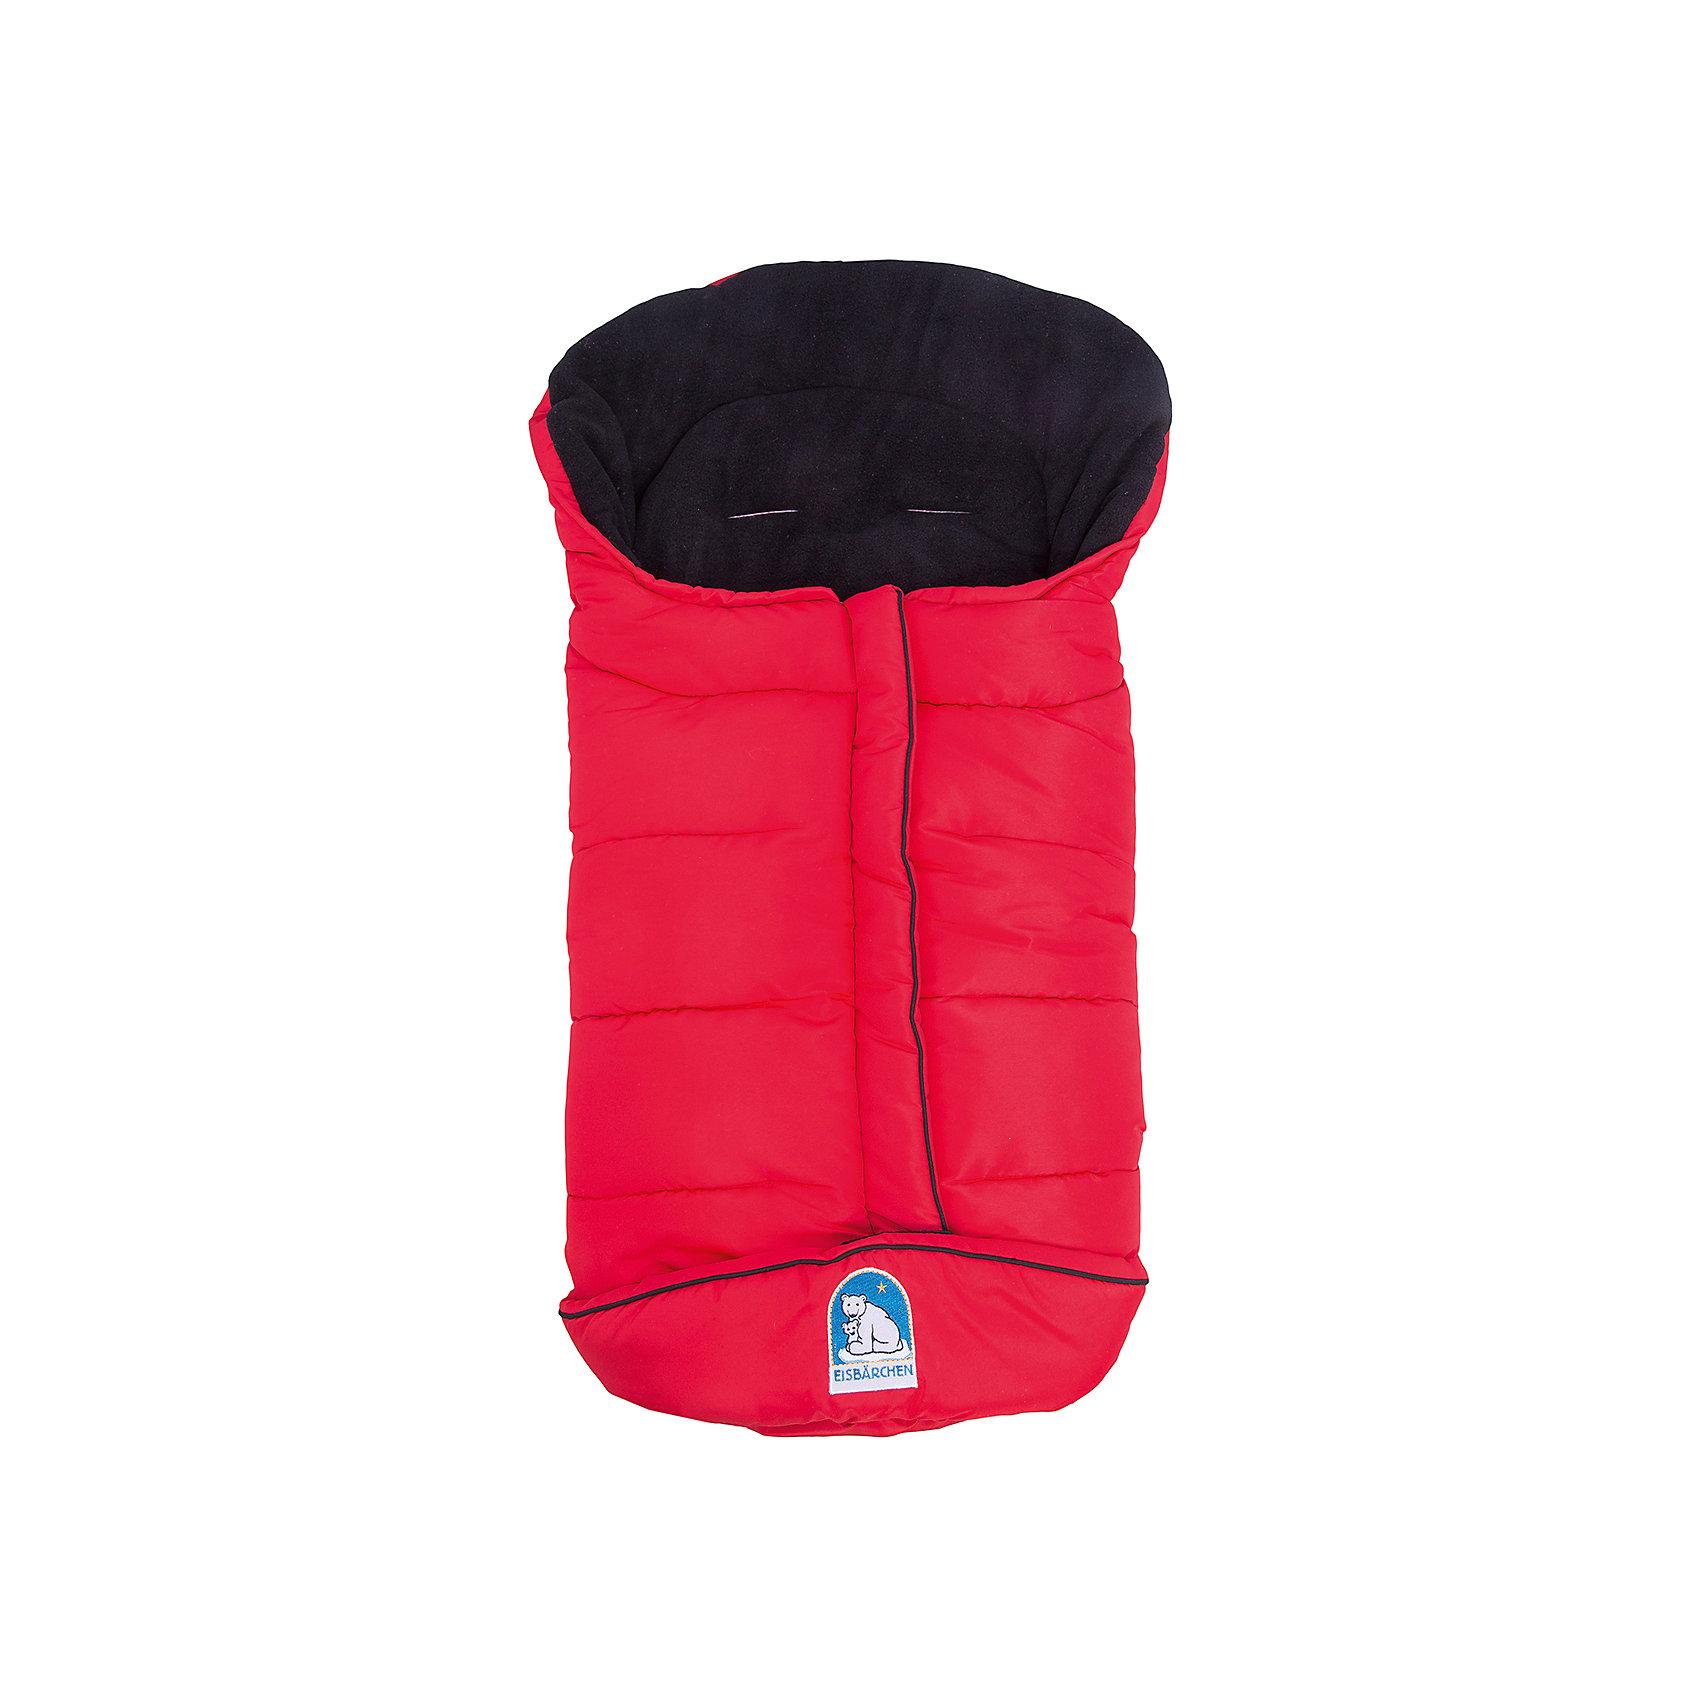 Конверт 7965 SR, Heitmann Felle, красный/черныйЗимние конверты<br>Конверт Heitmann Felle изготовлен из флиса и отлично подойдет для прогулок. Теплый конверт надежно защитит малыша от холода и ветра. Конверт застегивает на молнию по центру и удобно раскладывается в одеяльце. Оснащен прорезями для пятиточечных ремней безопасности и полосой-отражателем. С этим конвертом ваша кроха будет гулять с комфортом и в безопасности!<br><br>Дополнительная информация:<br>-магнитная кнопка<br>-можно использовать как одеяльце<br>-прорези для 5-точечных ремней безопасности<br>-простегано<br>-можно стирать при температуре 30 градусов<br><br>Материал: 100% полиэстер. Подкладка: 80% полиэстер, 20% вискоза<br>Размер: 80х40 см<br>Вес: 600 грамм<br>Цвет: красный/черный<br>Конверт Heitmann Felle можно купить в нашем интернет-магазине.<br><br>Ширина мм: 900<br>Глубина мм: 450<br>Высота мм: 50<br>Вес г: 2000<br>Возраст от месяцев: 0<br>Возраст до месяцев: 12<br>Пол: Унисекс<br>Возраст: Детский<br>SKU: 4977802